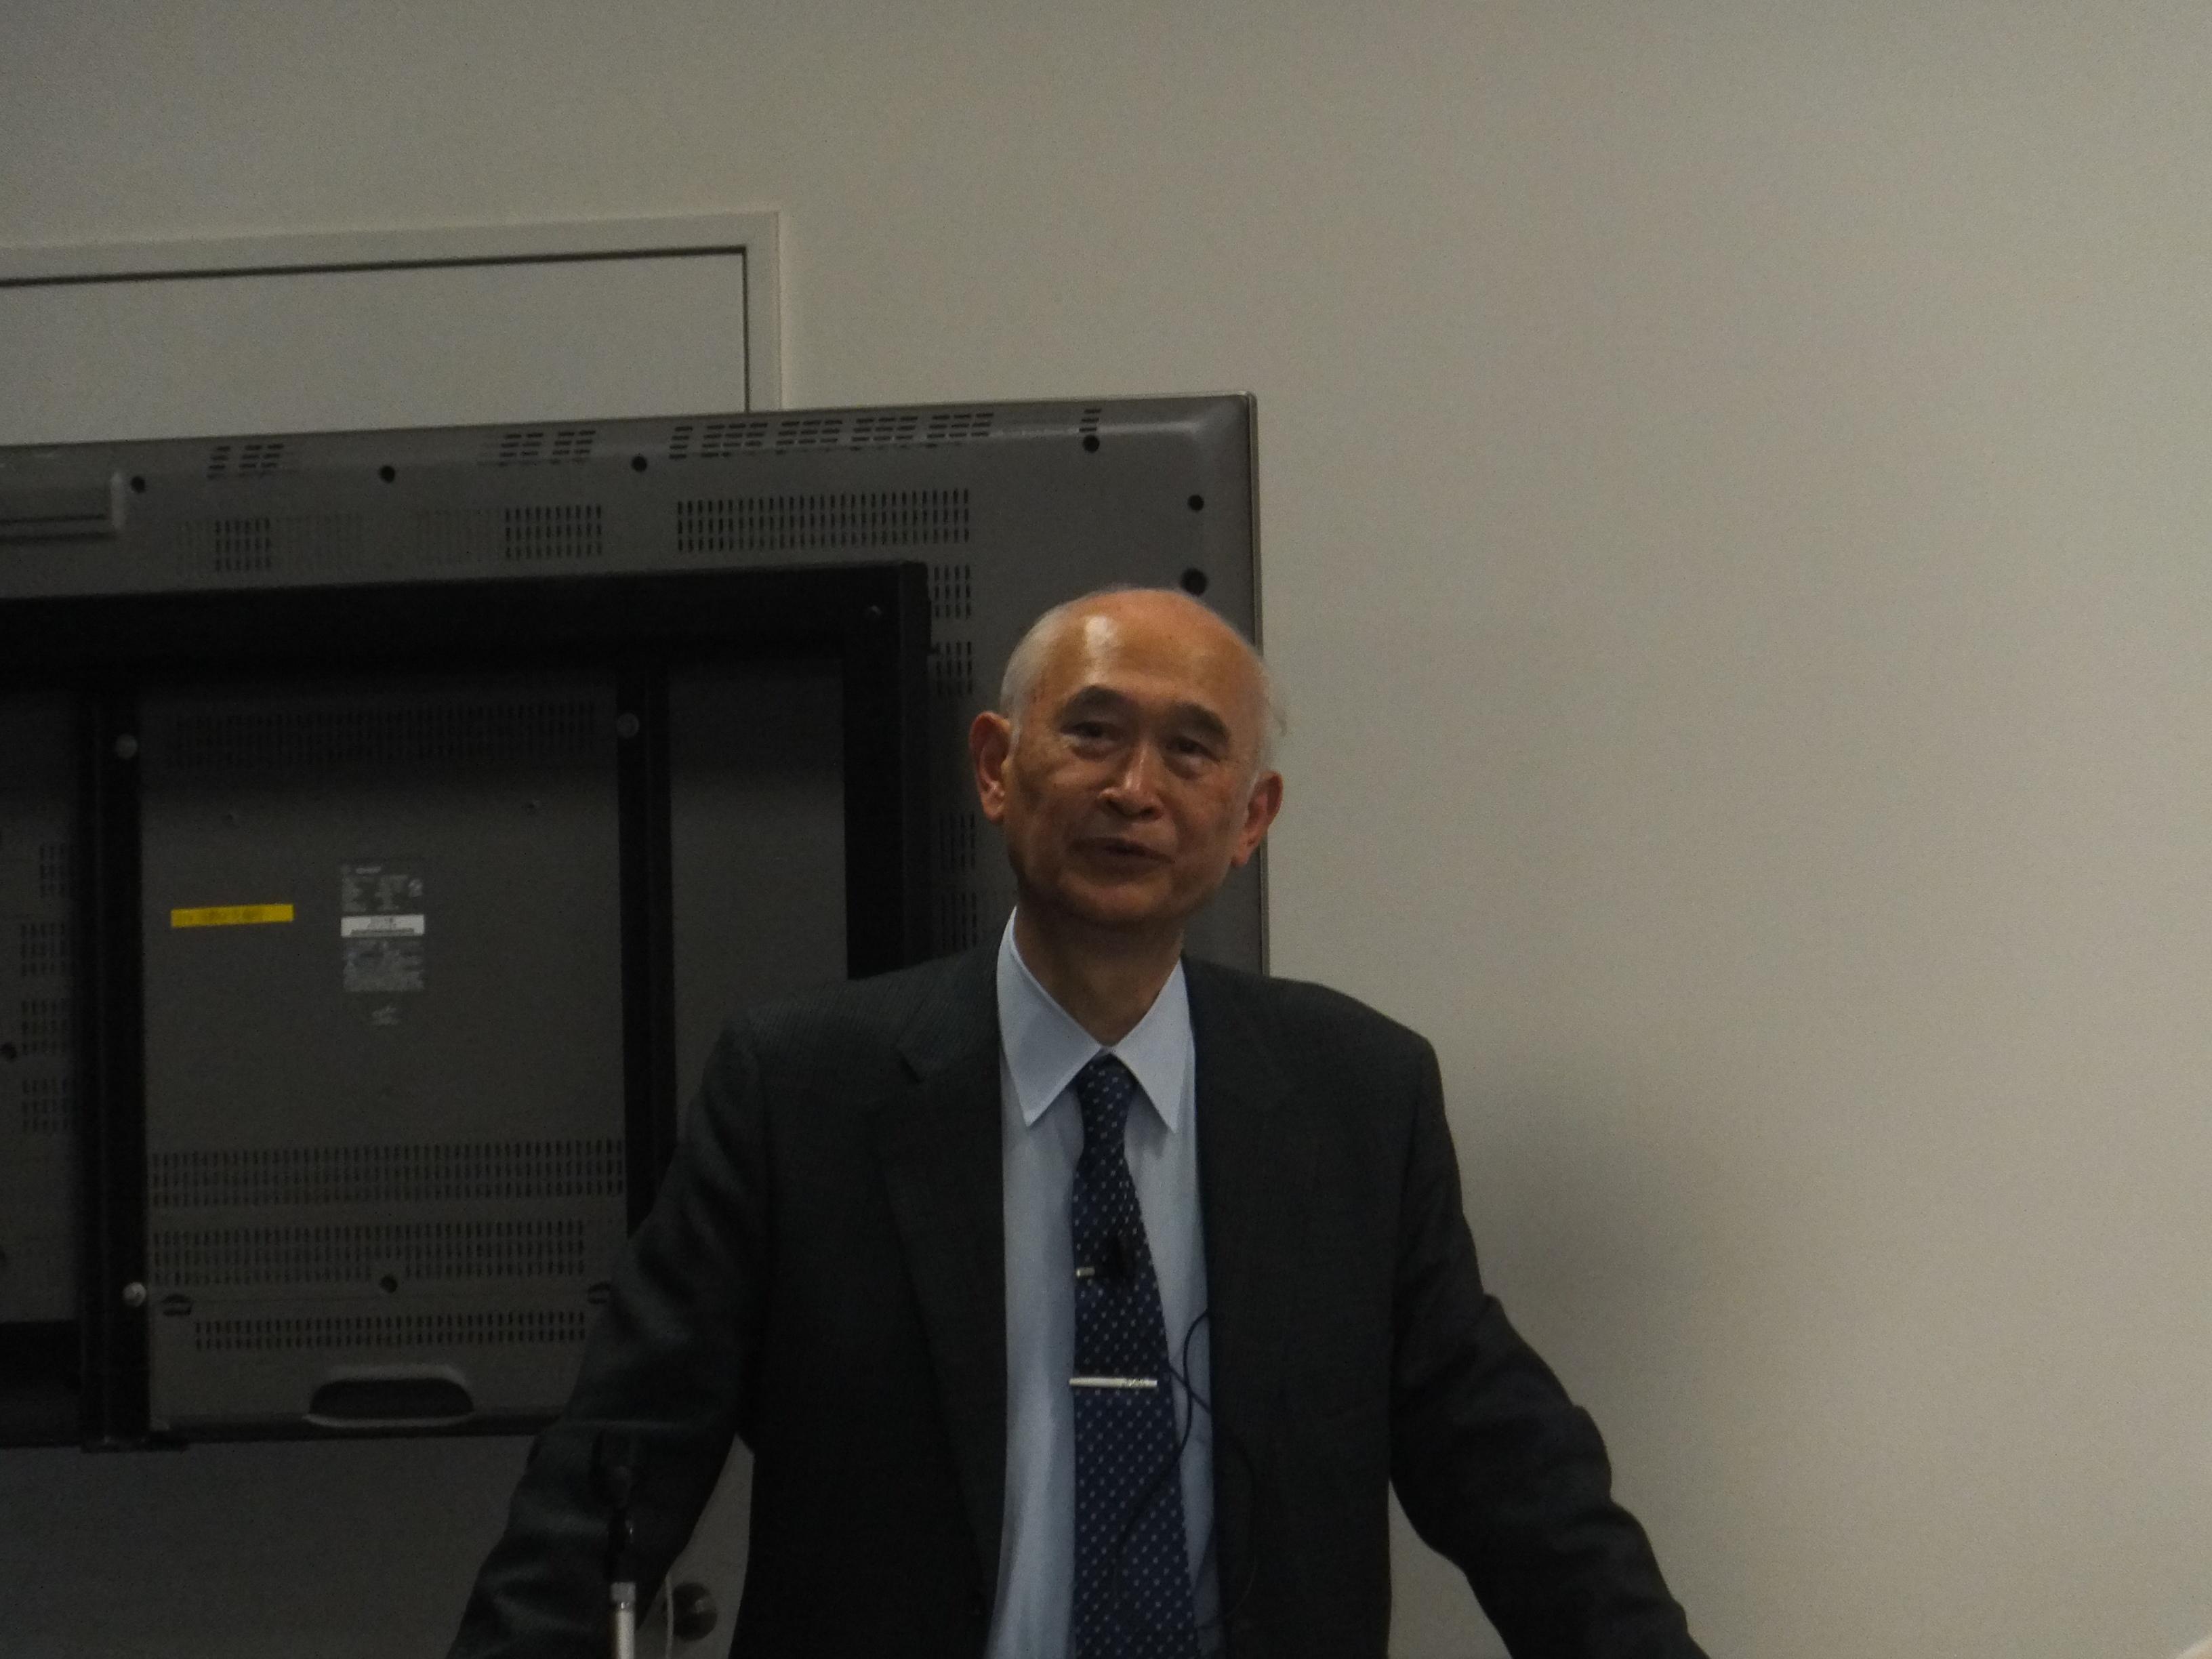 講演する西教授